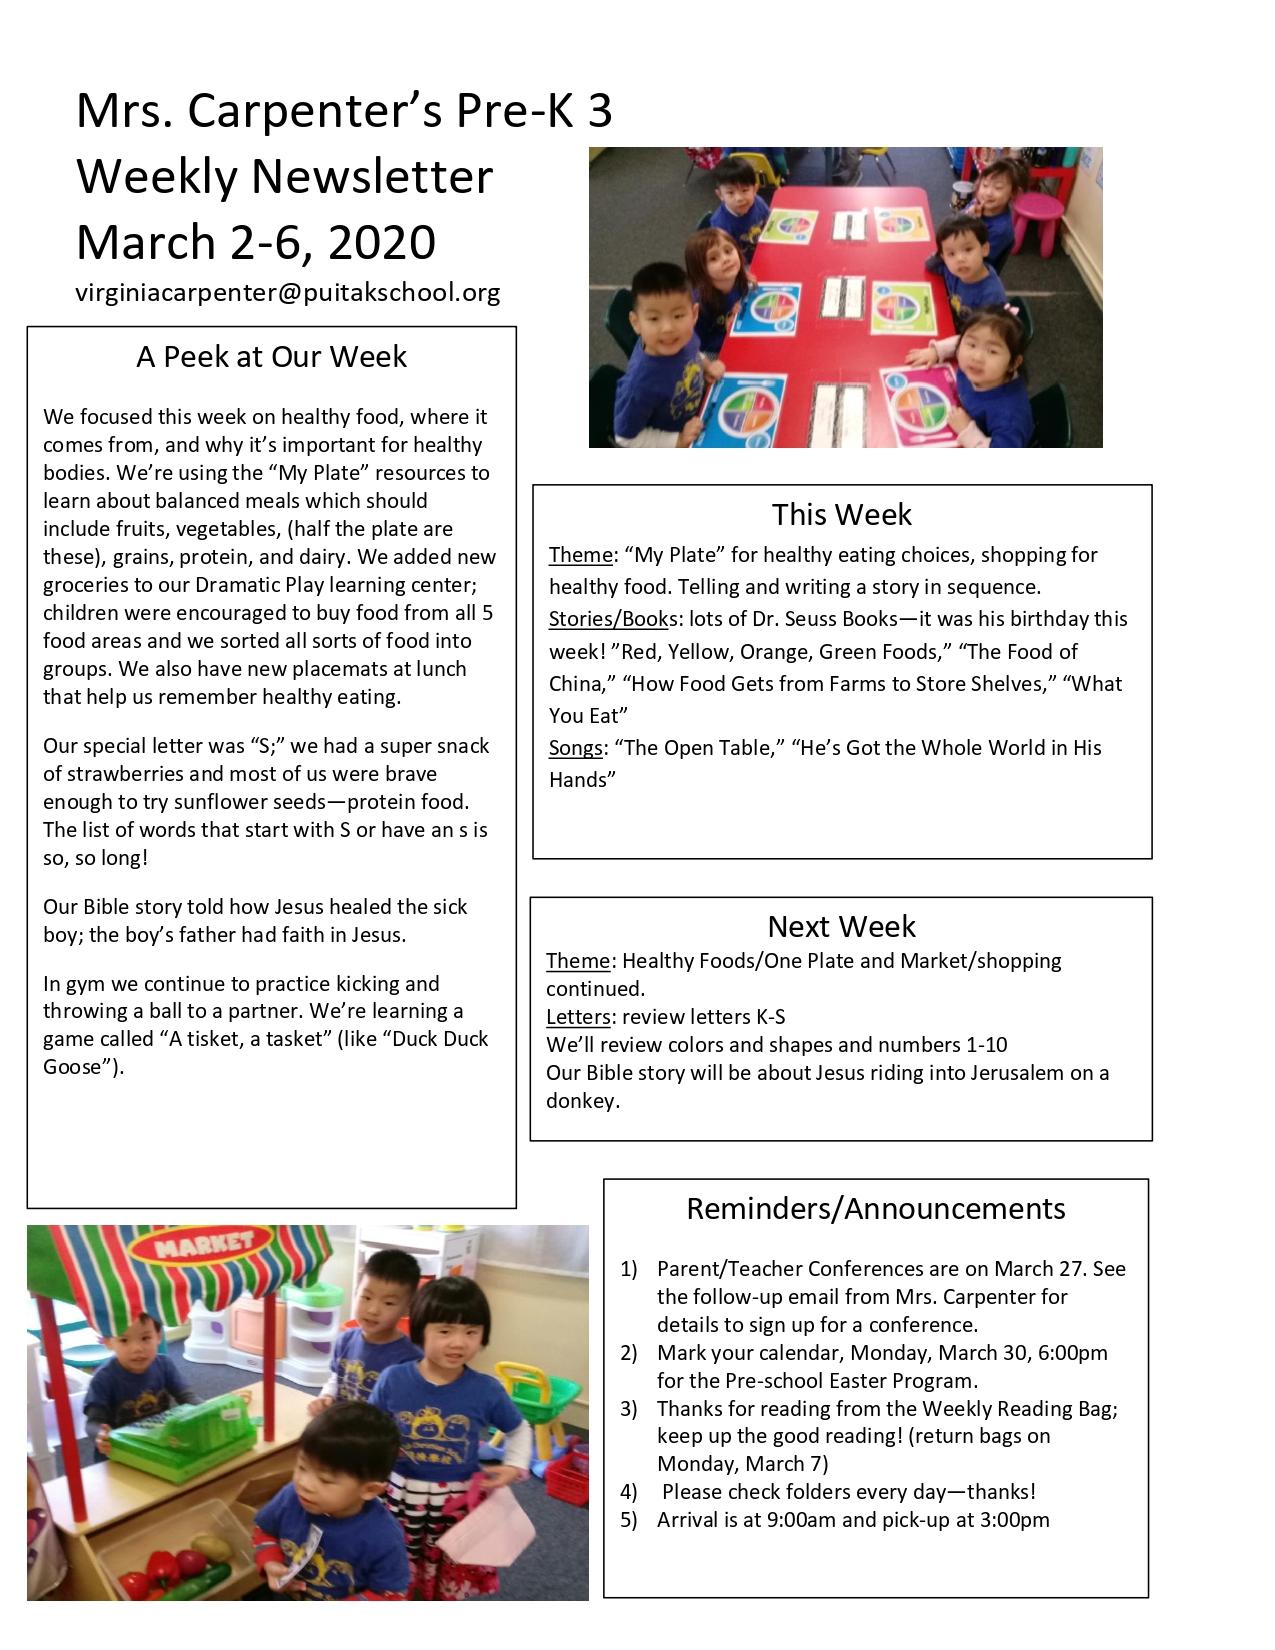 GinnyNewsletter2020March1stWeek_page-000